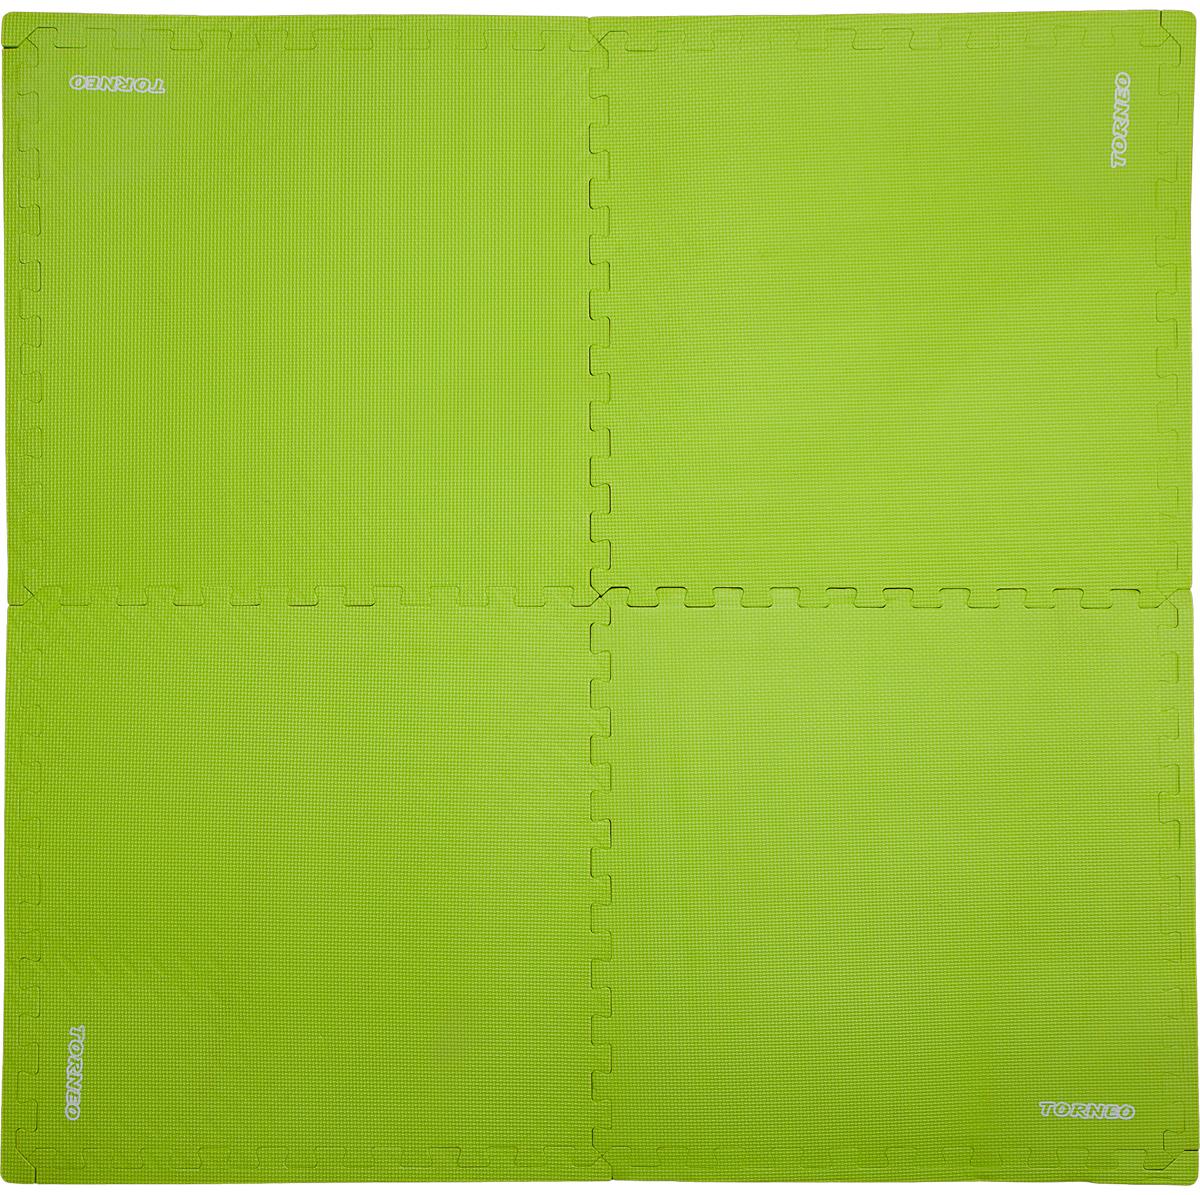 Коврик для йоги и фитнеса Torneo, цвет: зеленый, 124 х 124 см цена